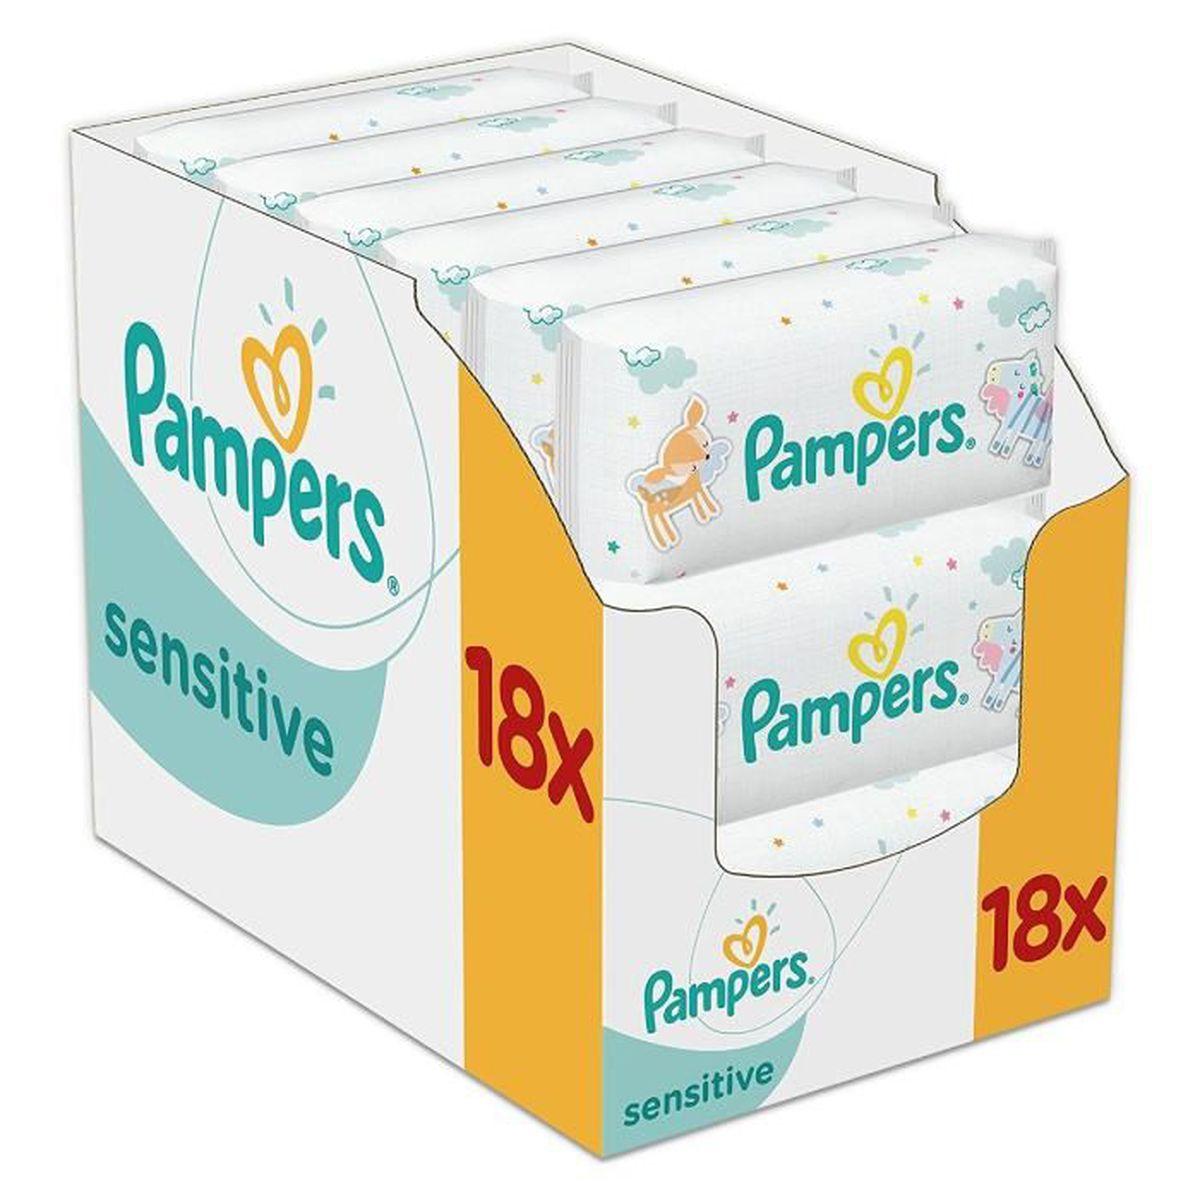 COUCHE Pampers Lingettes Sensitive Lot de 18 Paquets, 100